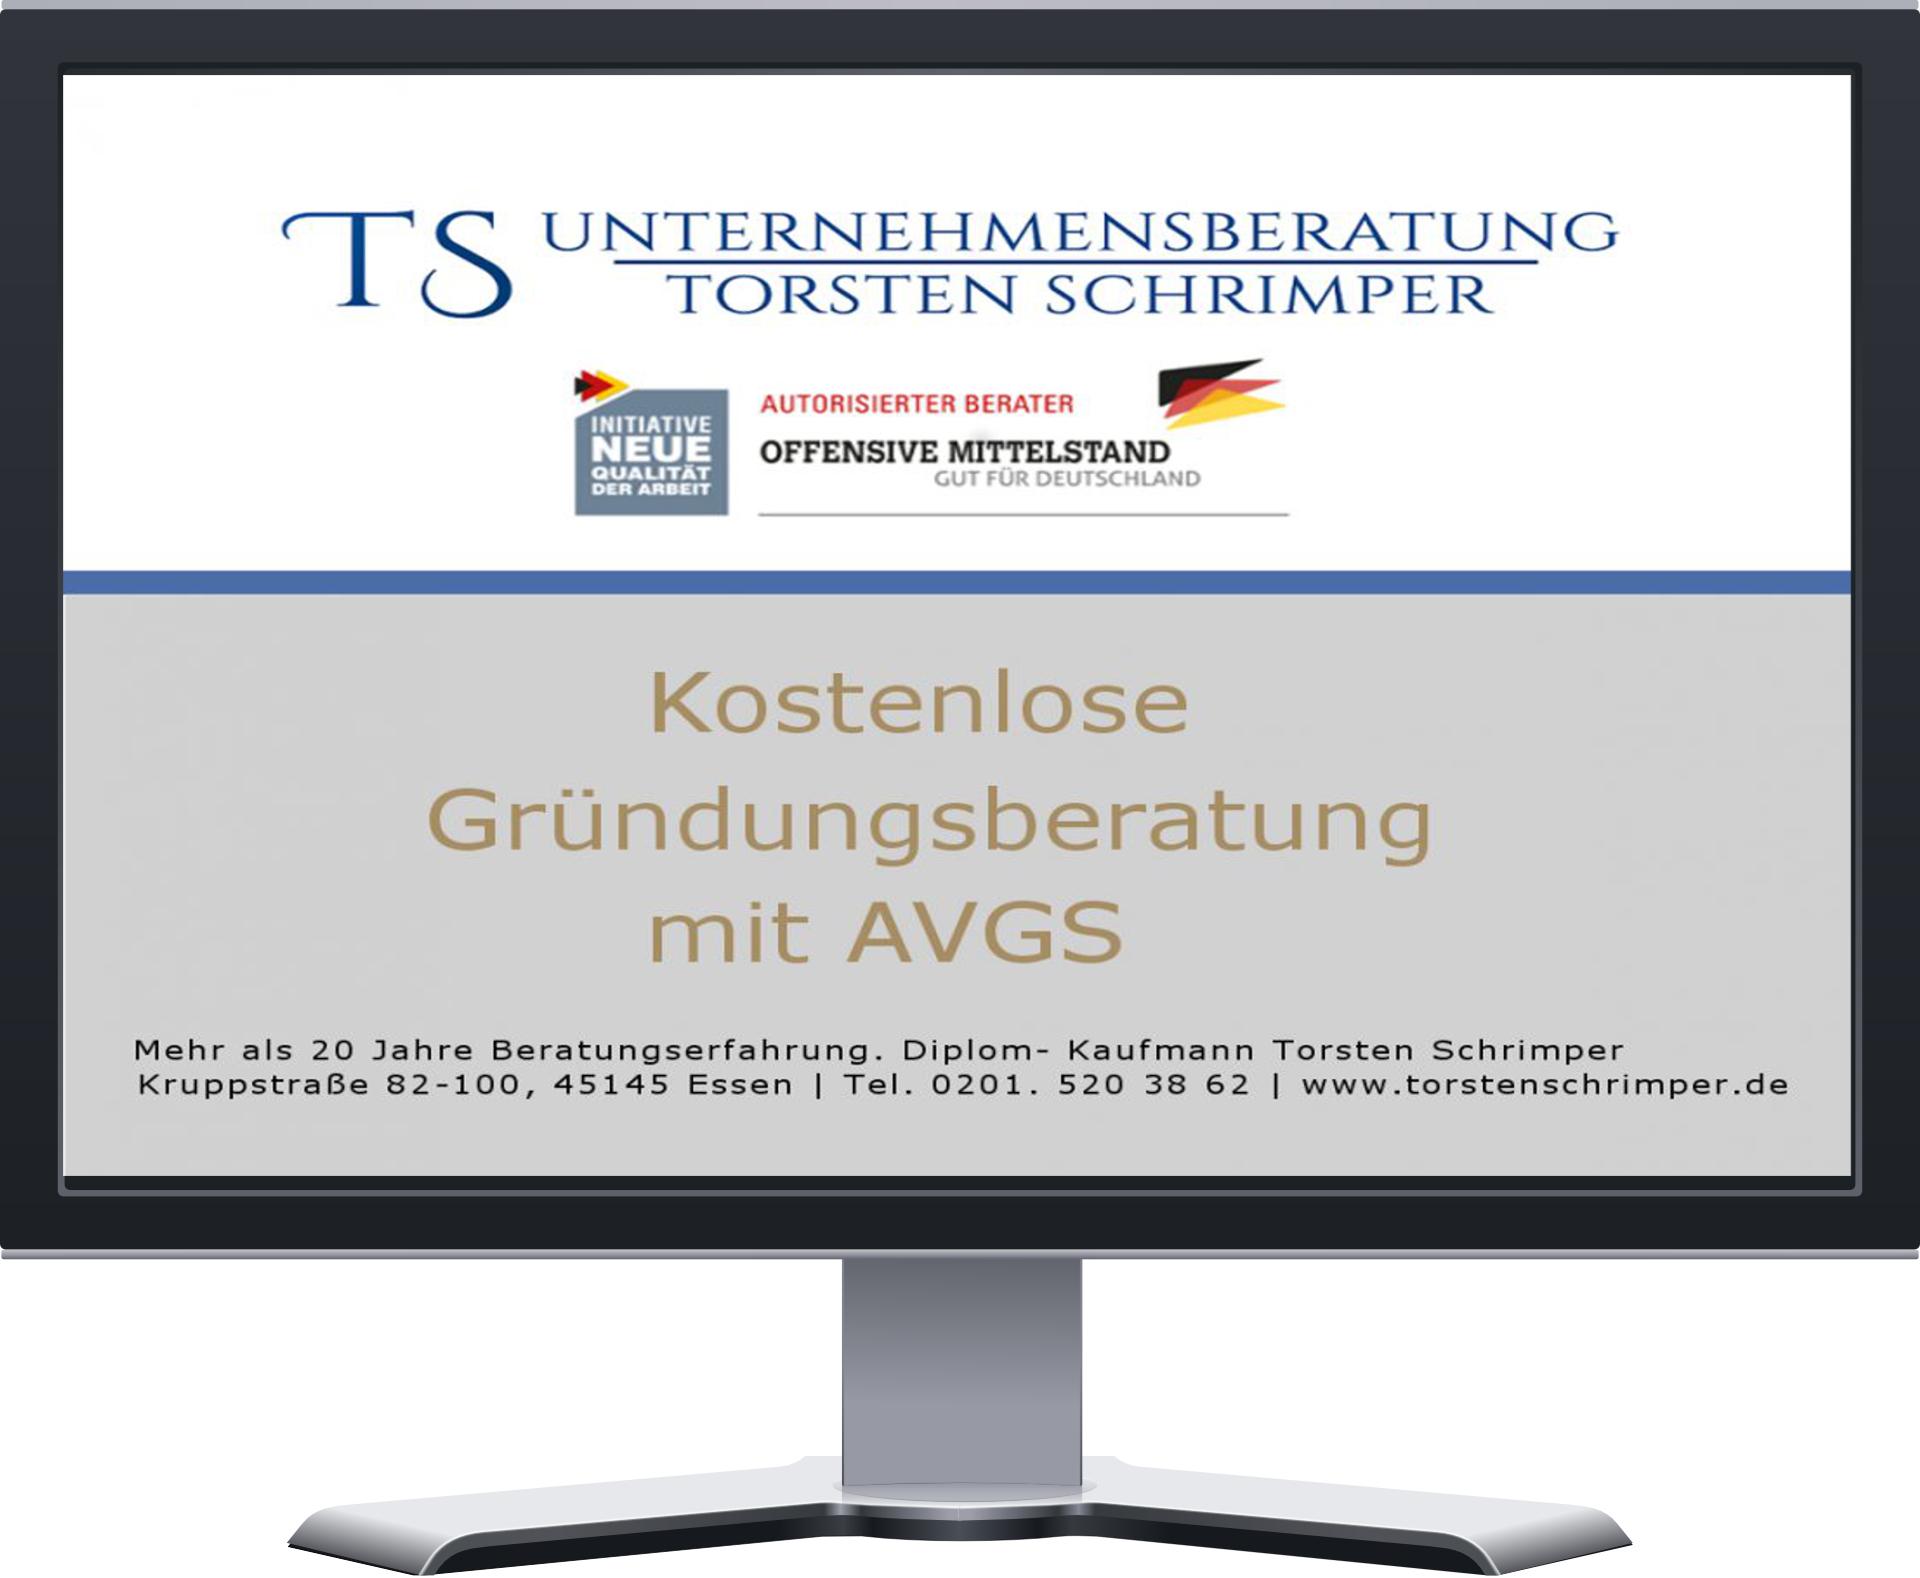 Kostenlose Gründungsberatung mit AVGS